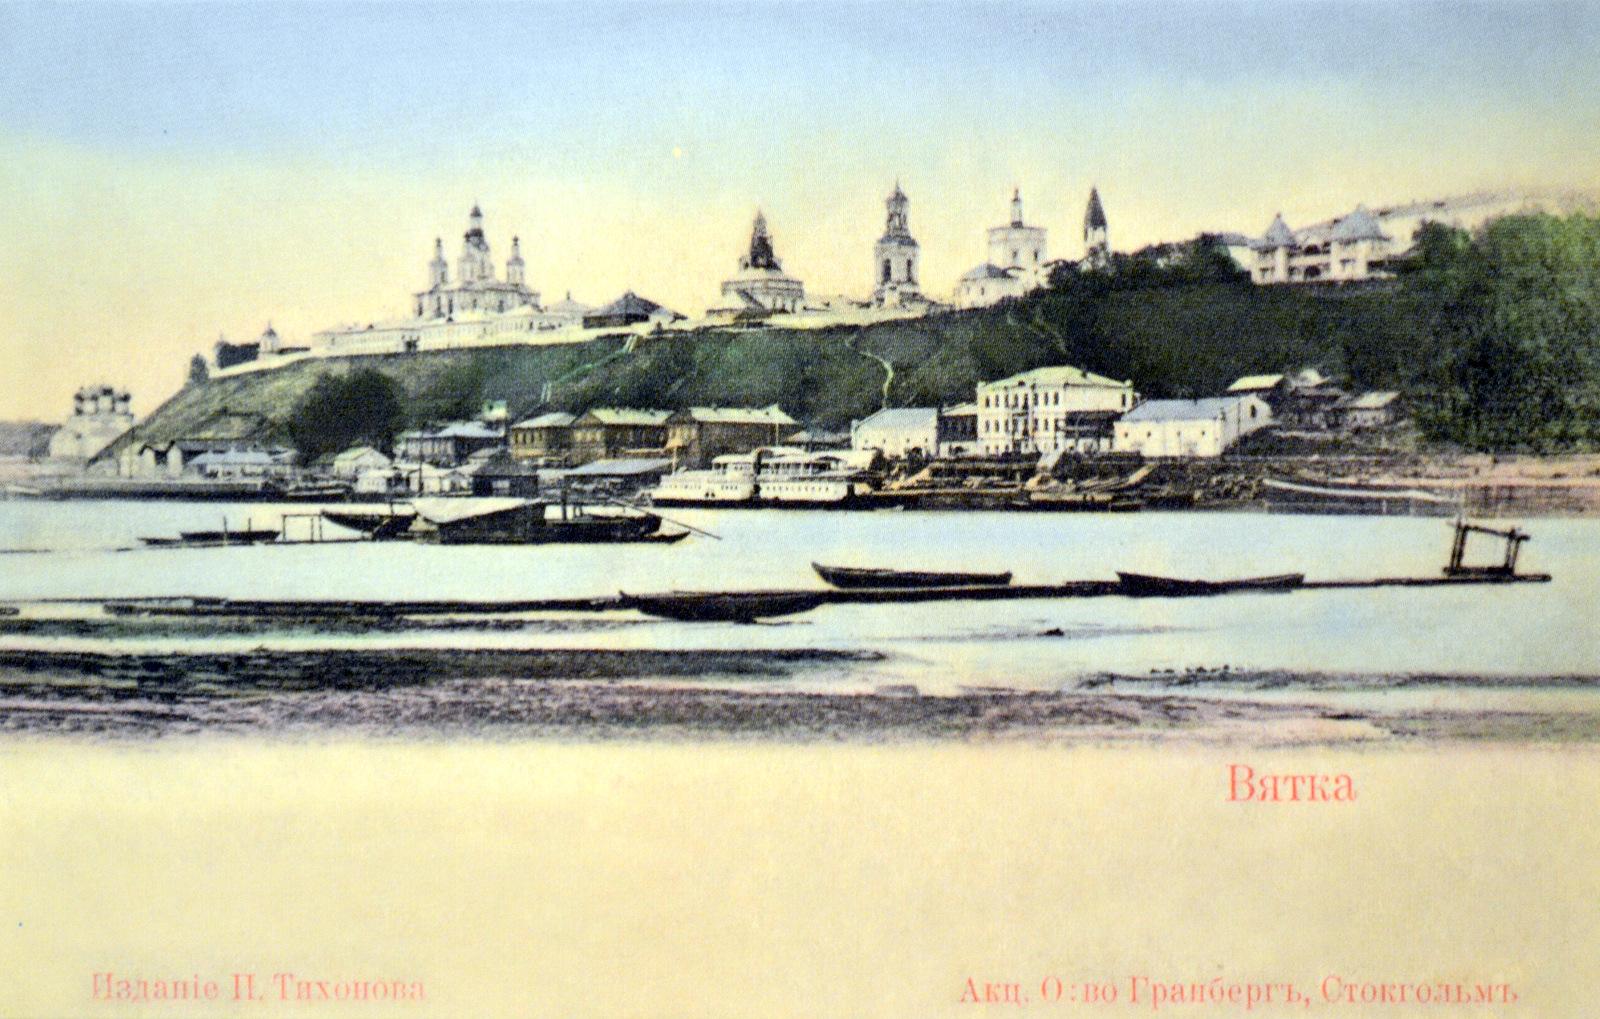 Общий вид города с правого берега реки Вятки